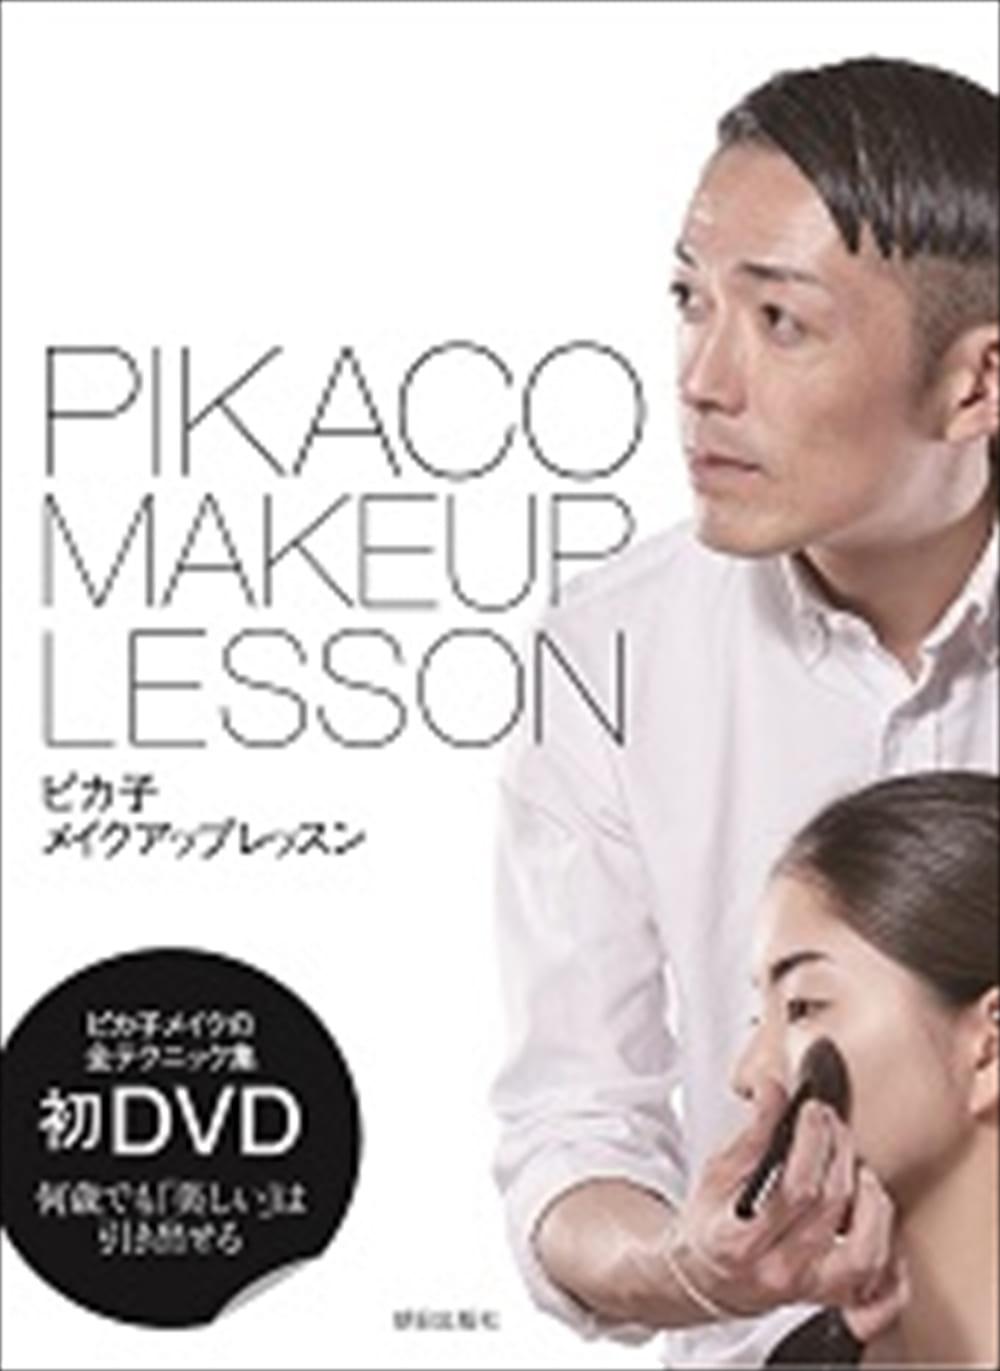 PIKACO MAKEUP LESSON